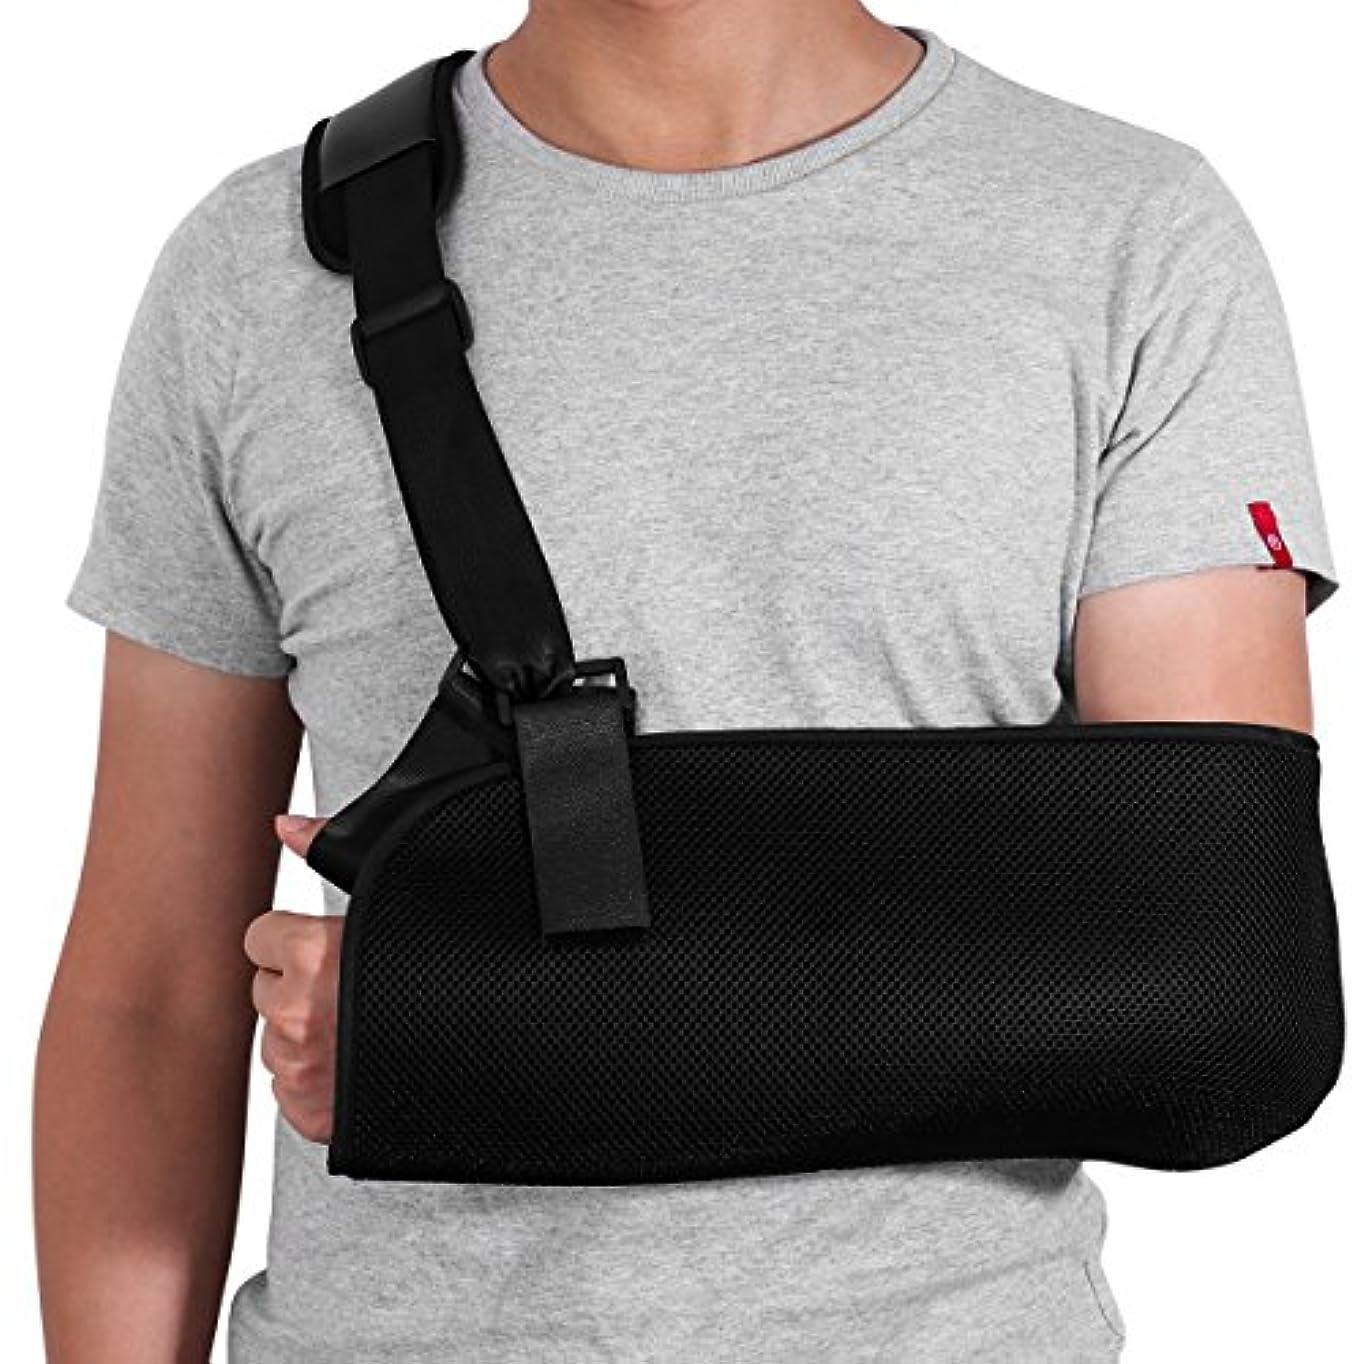 コーラス肉の序文ROSENICE アームスリング - 壊れた骨折したアームのためのショルダーイモビライザー - 調節可能なアーム、ショルダーローテーターカフサポートブレース - 涙、脱臼、捻挫およびひずみ